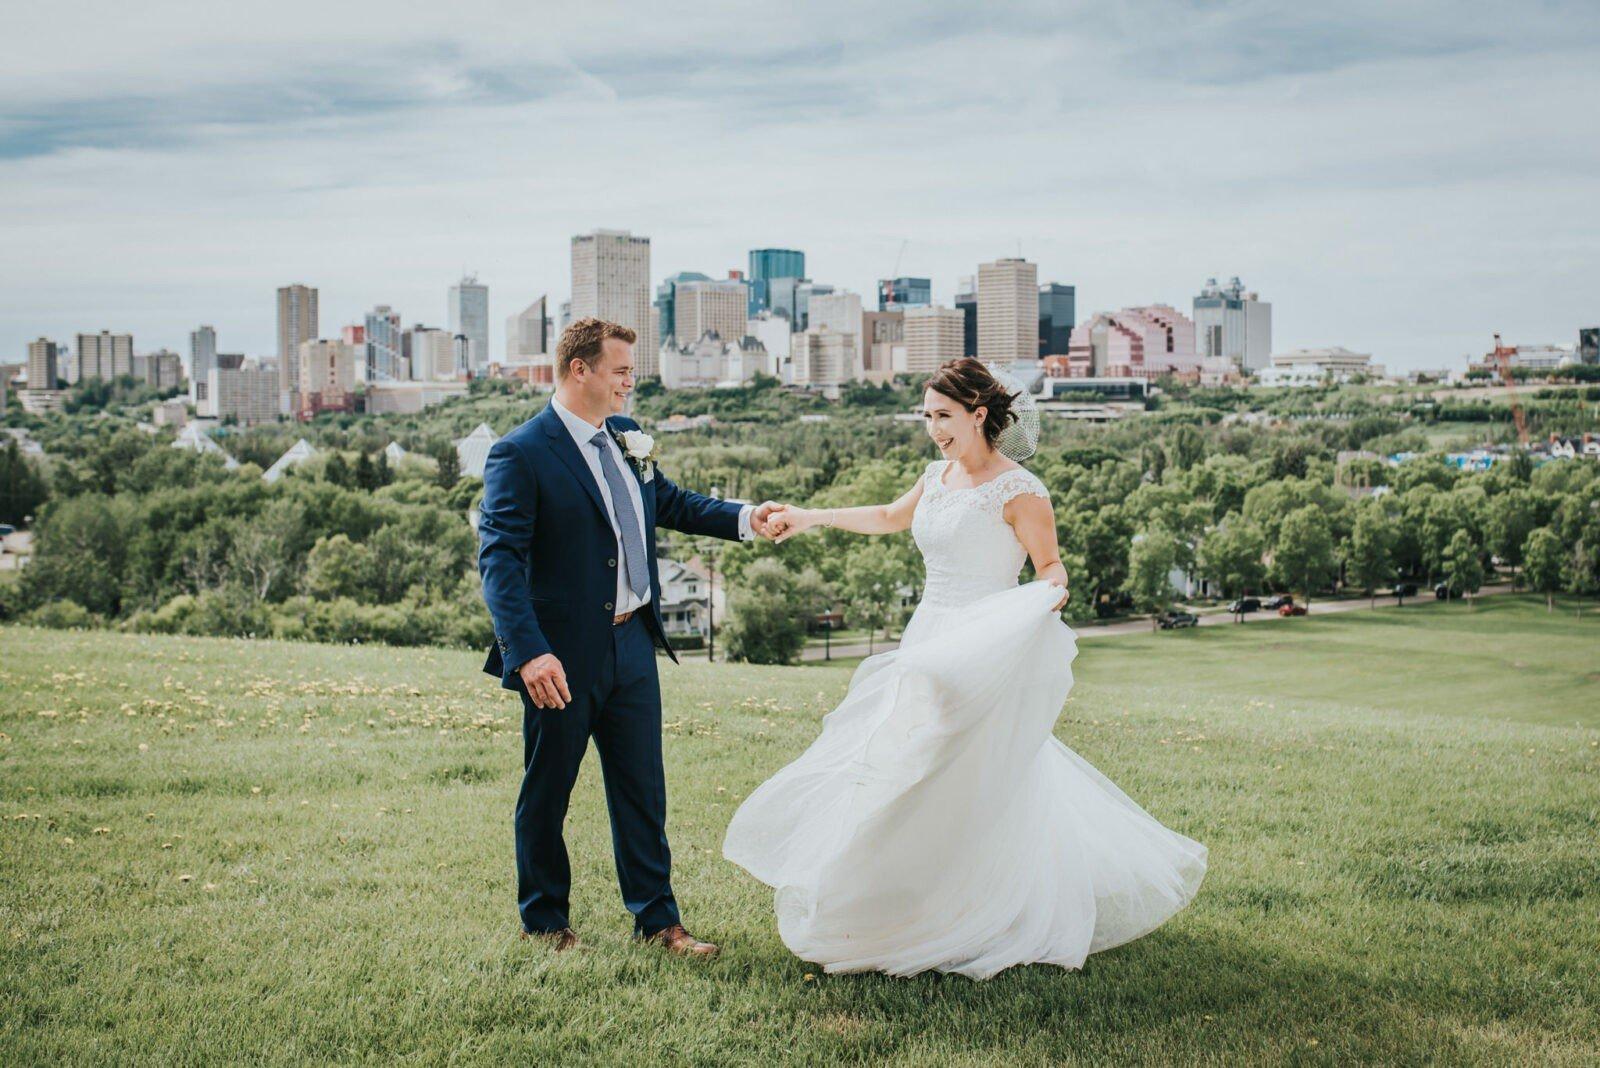 edmonton skyline bride and groom